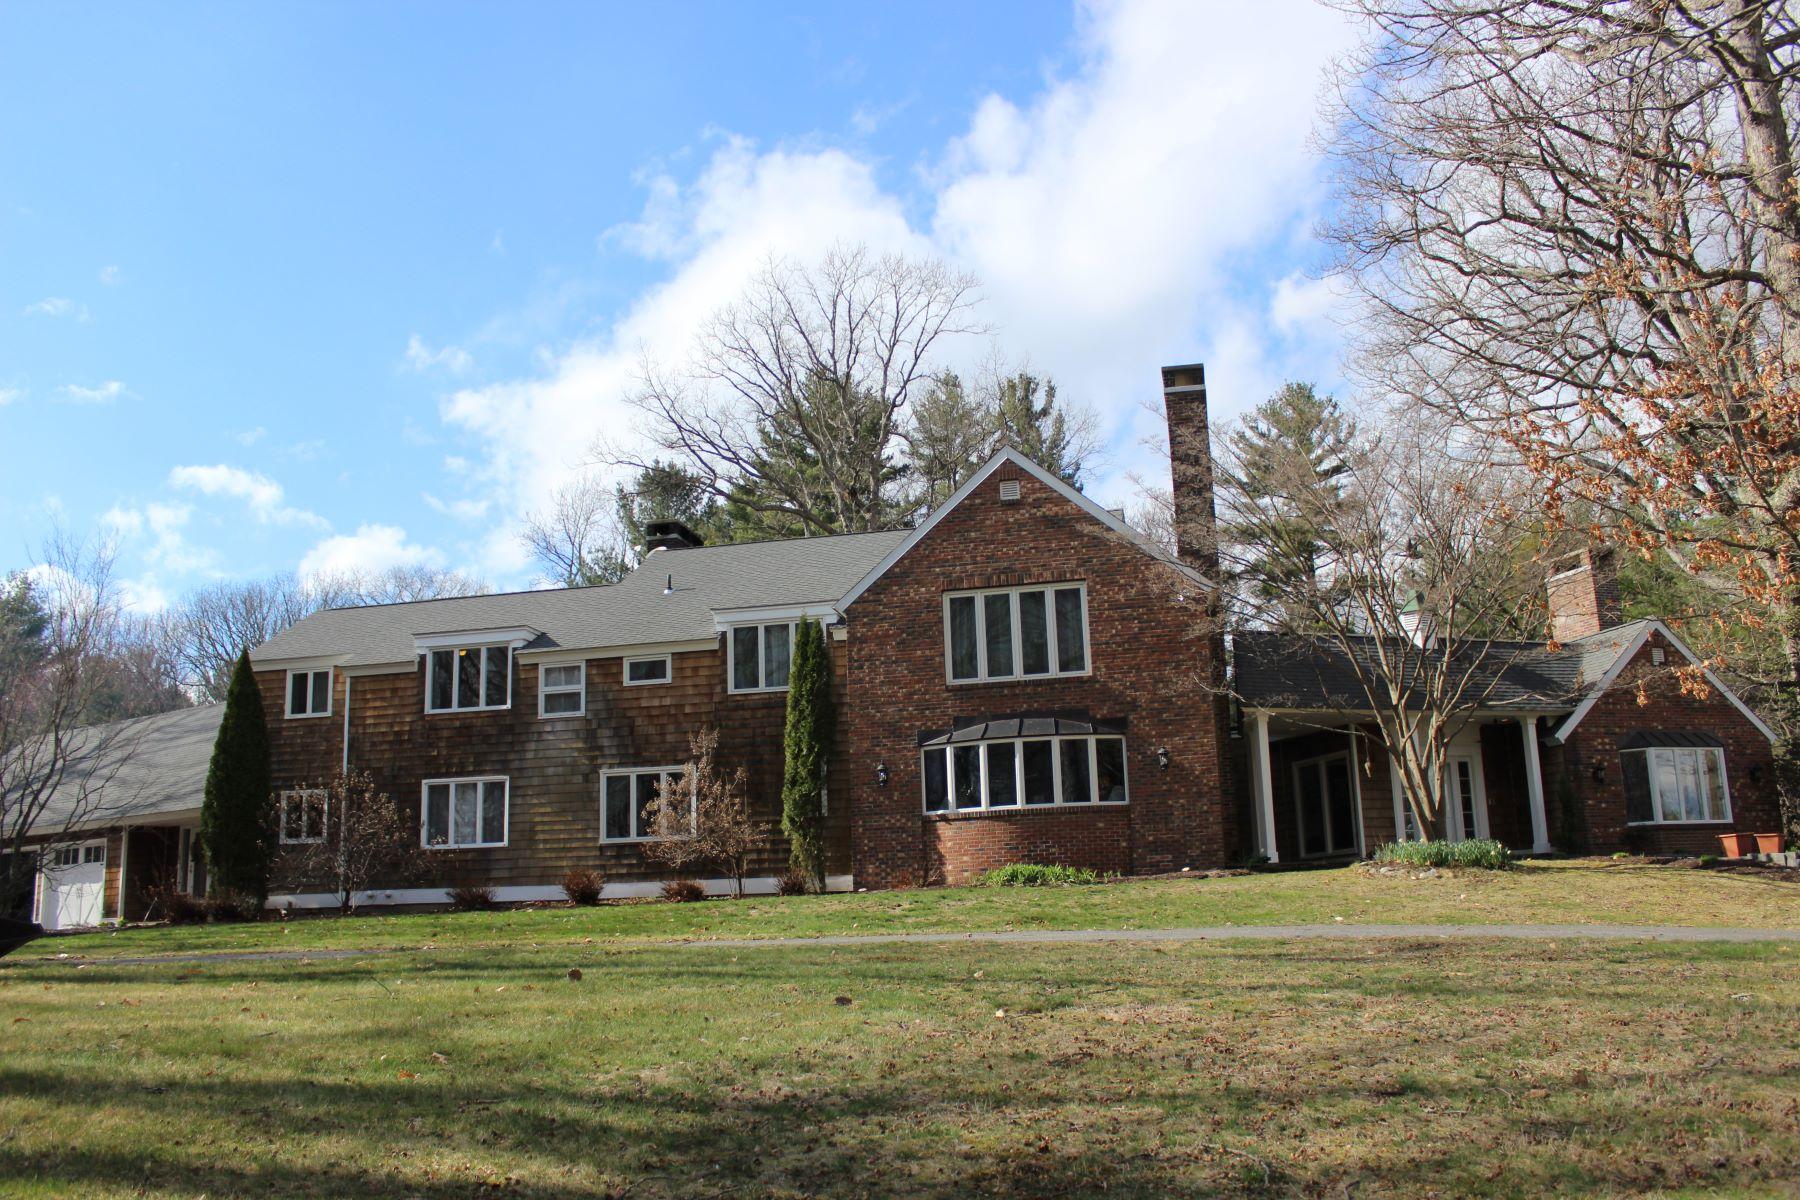 Maison unifamiliale pour l Vente à Laurel Hollow 85 Hutchinson Pkwy Litchfield, Connecticut, 06759 États-Unis